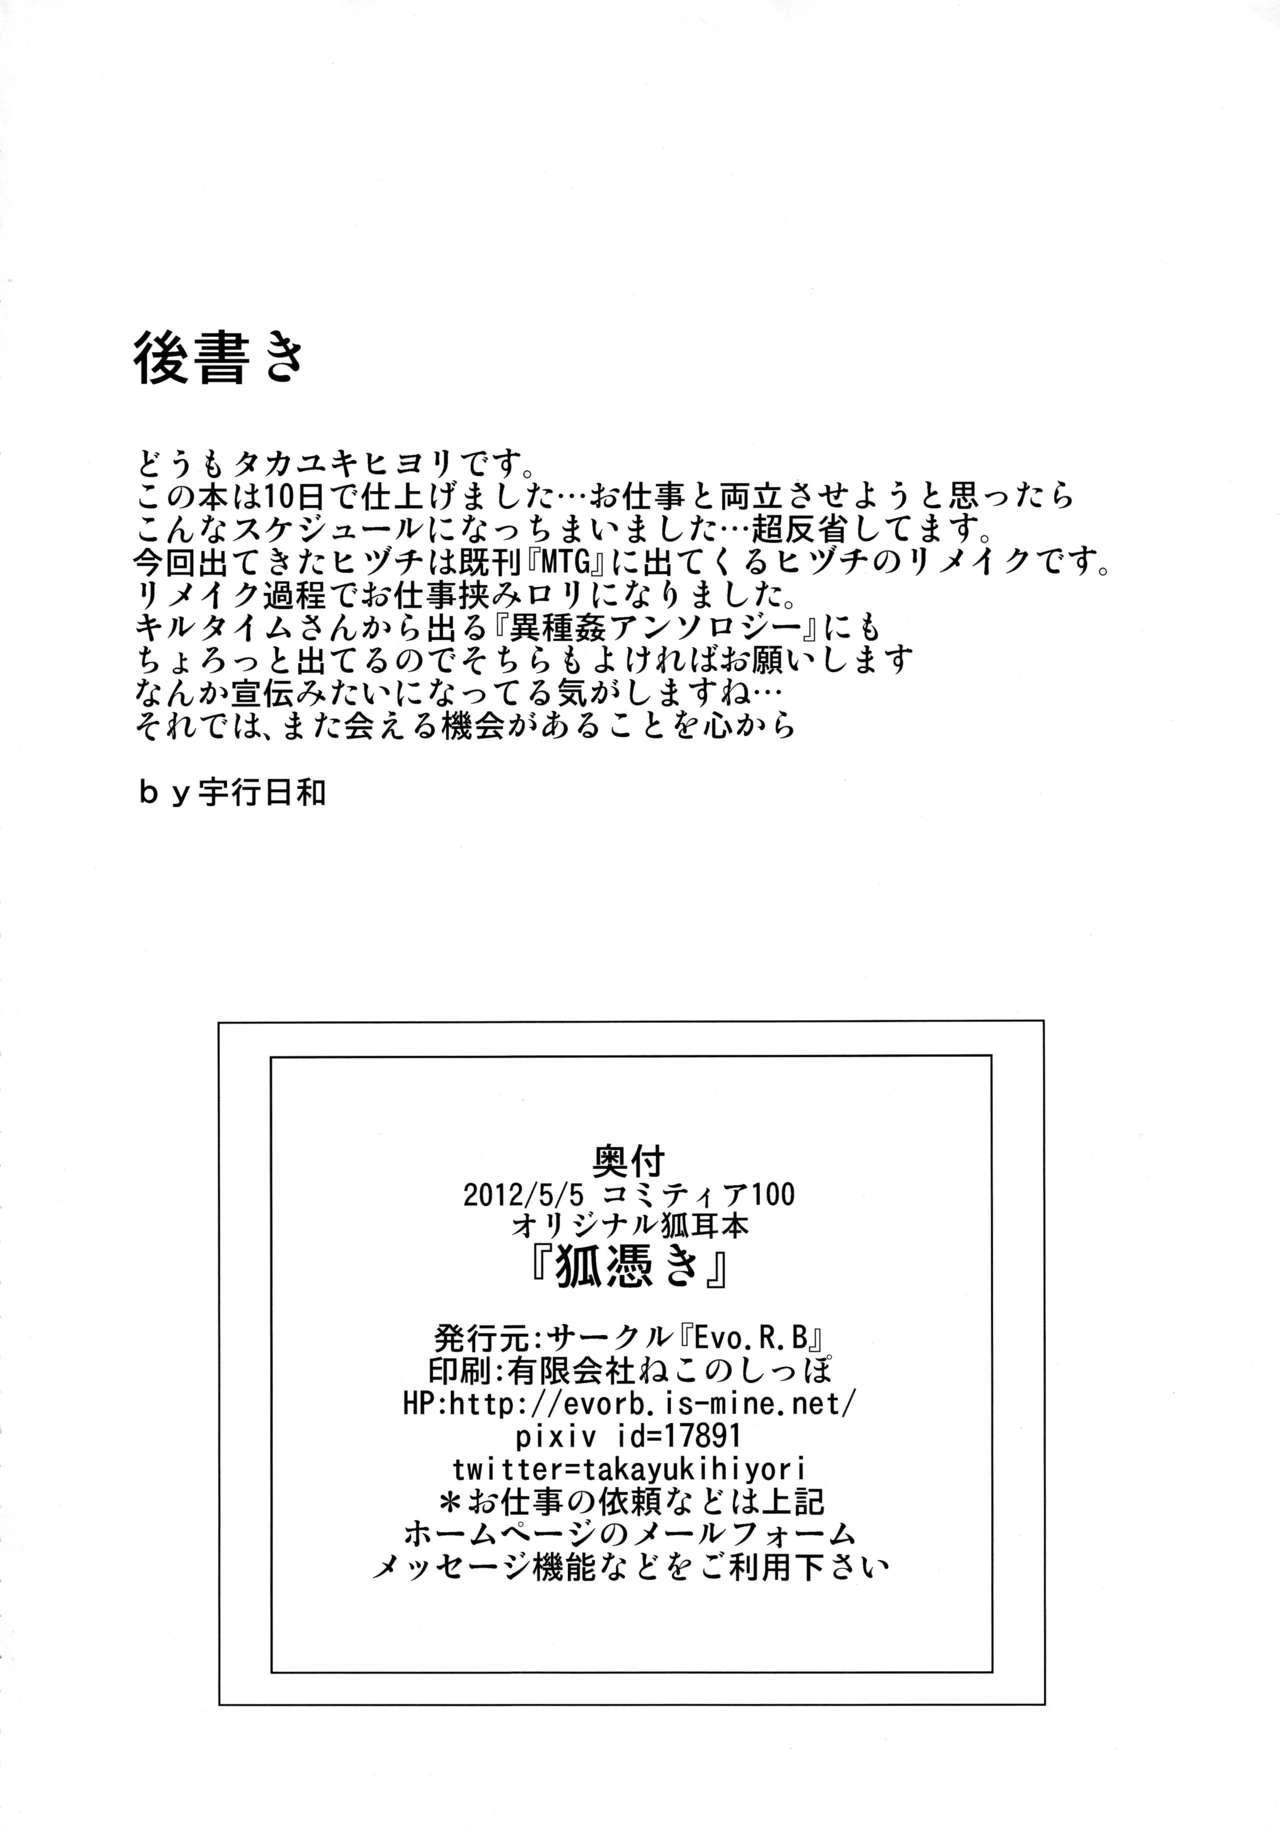 Kitsunetsuki 20